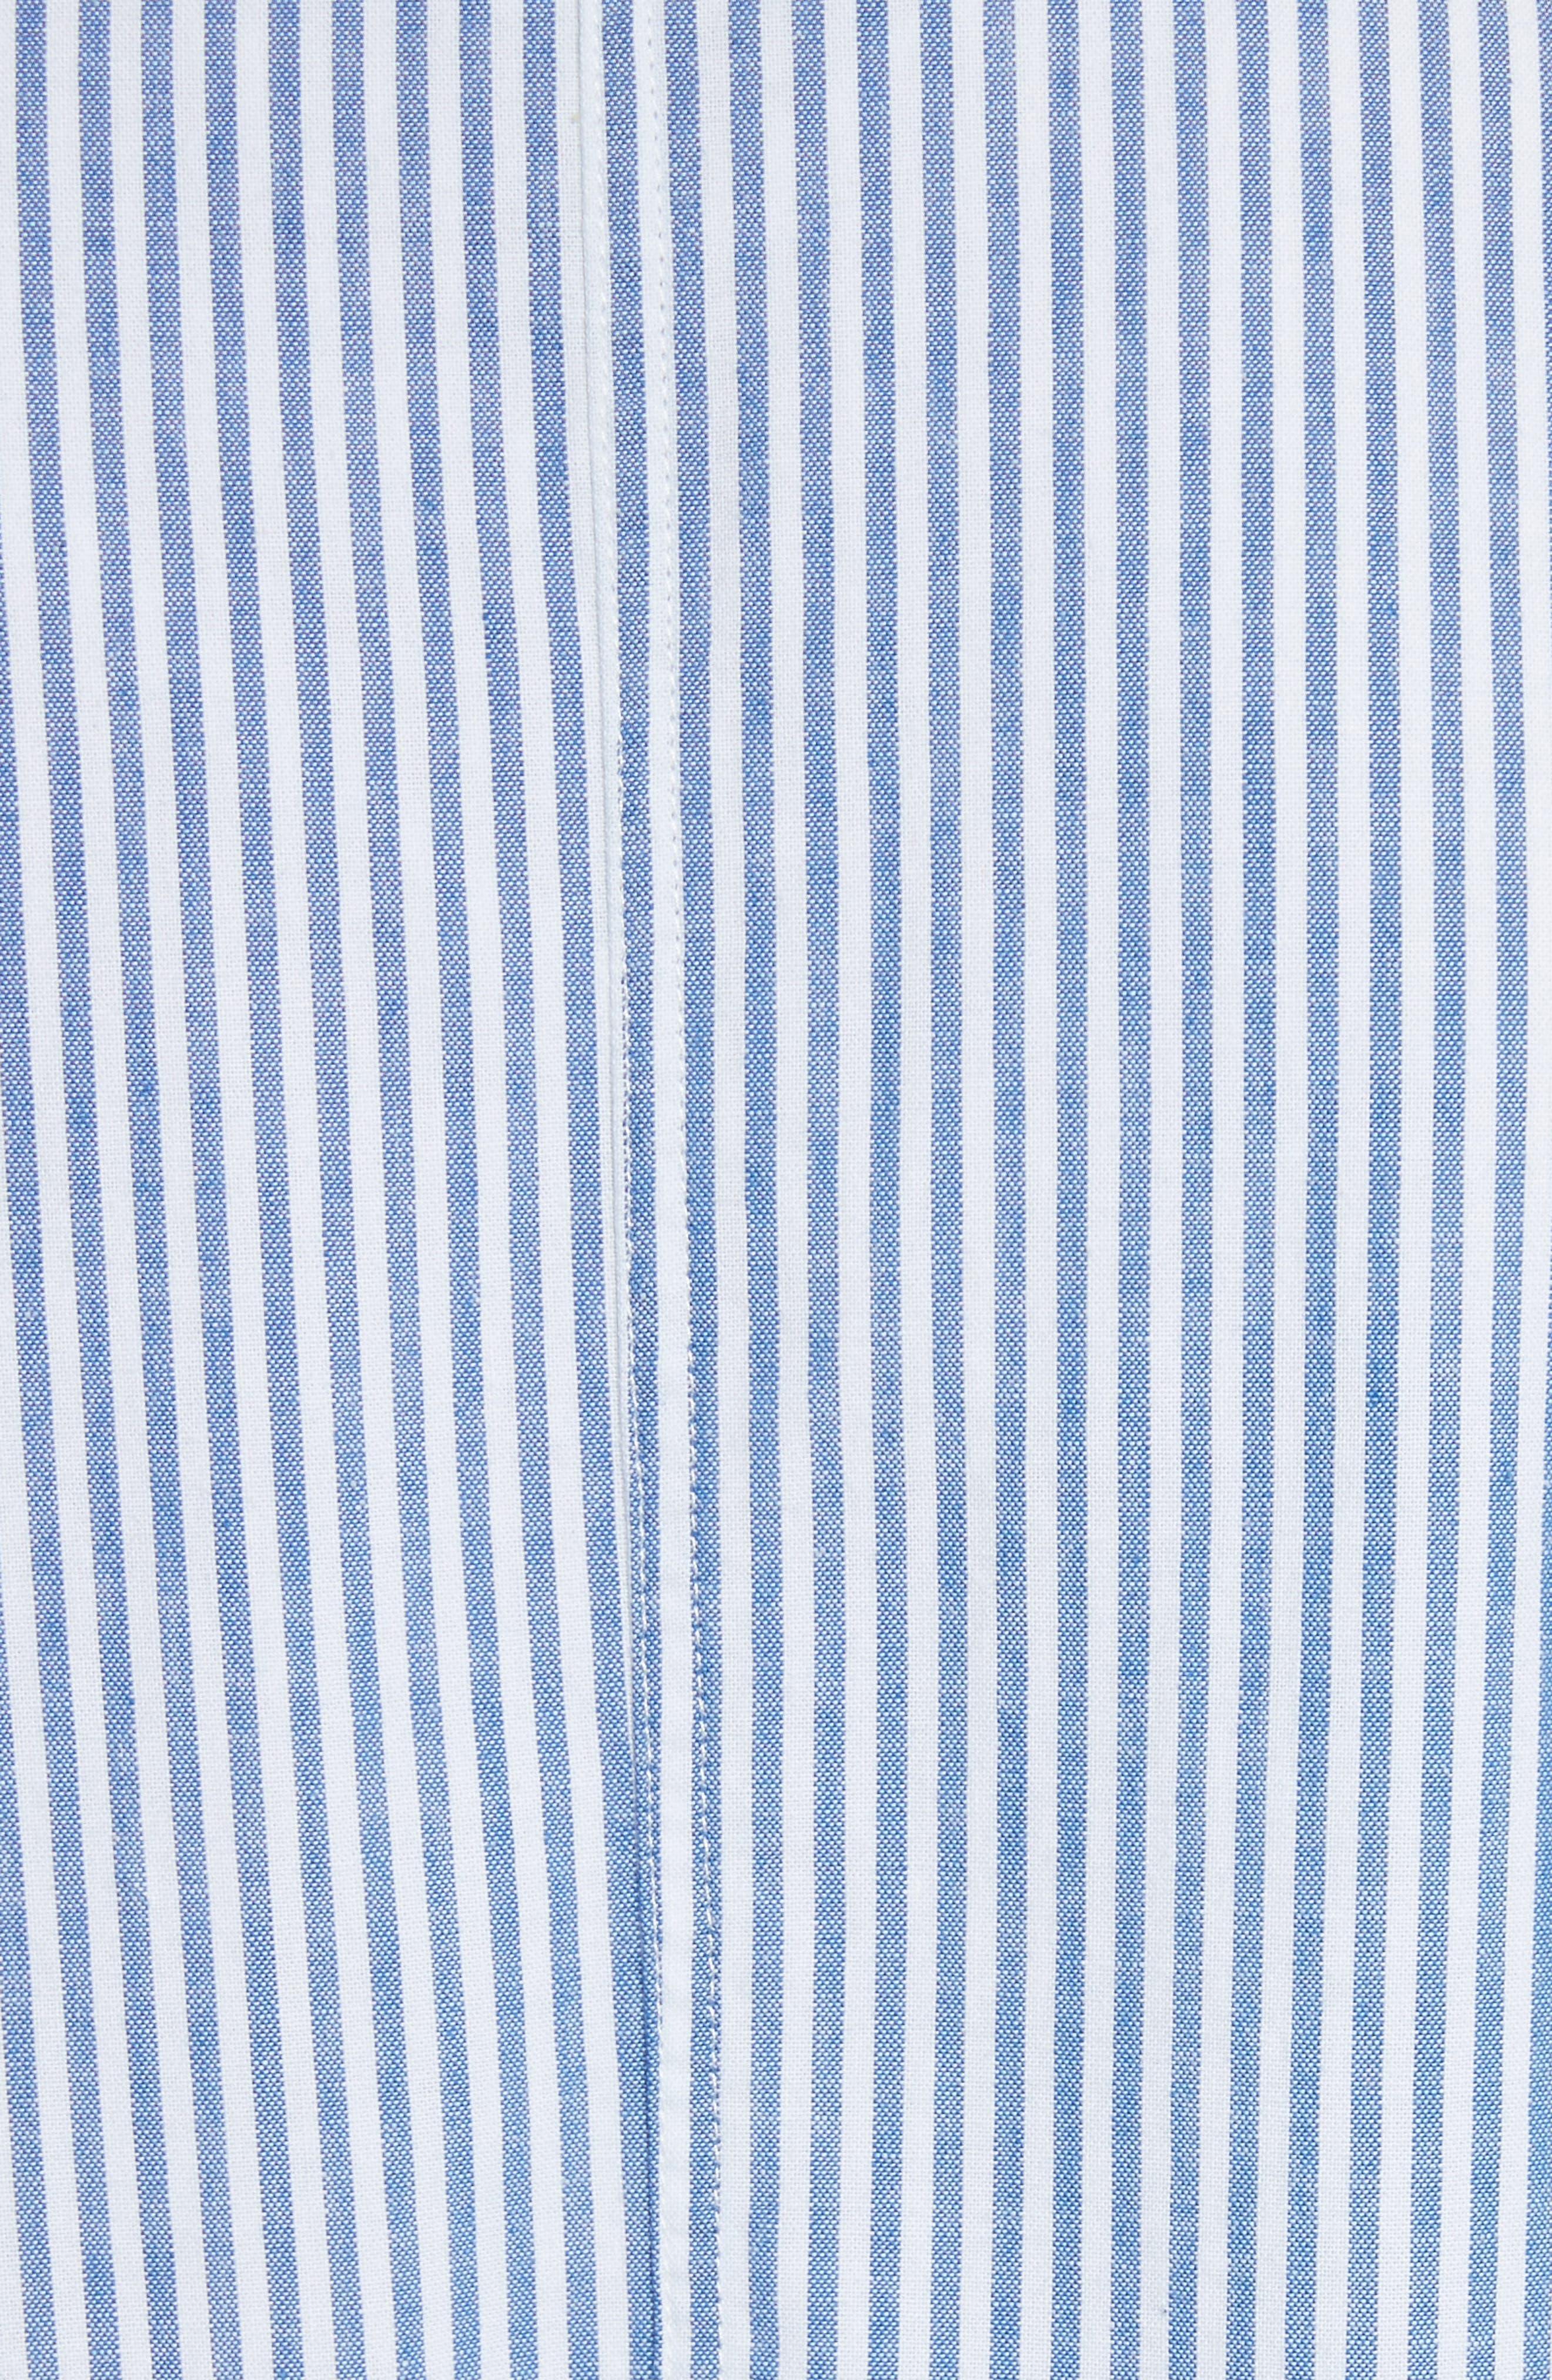 Stripe Bubble Hem Jacket,                             Alternate thumbnail 6, color,                             400